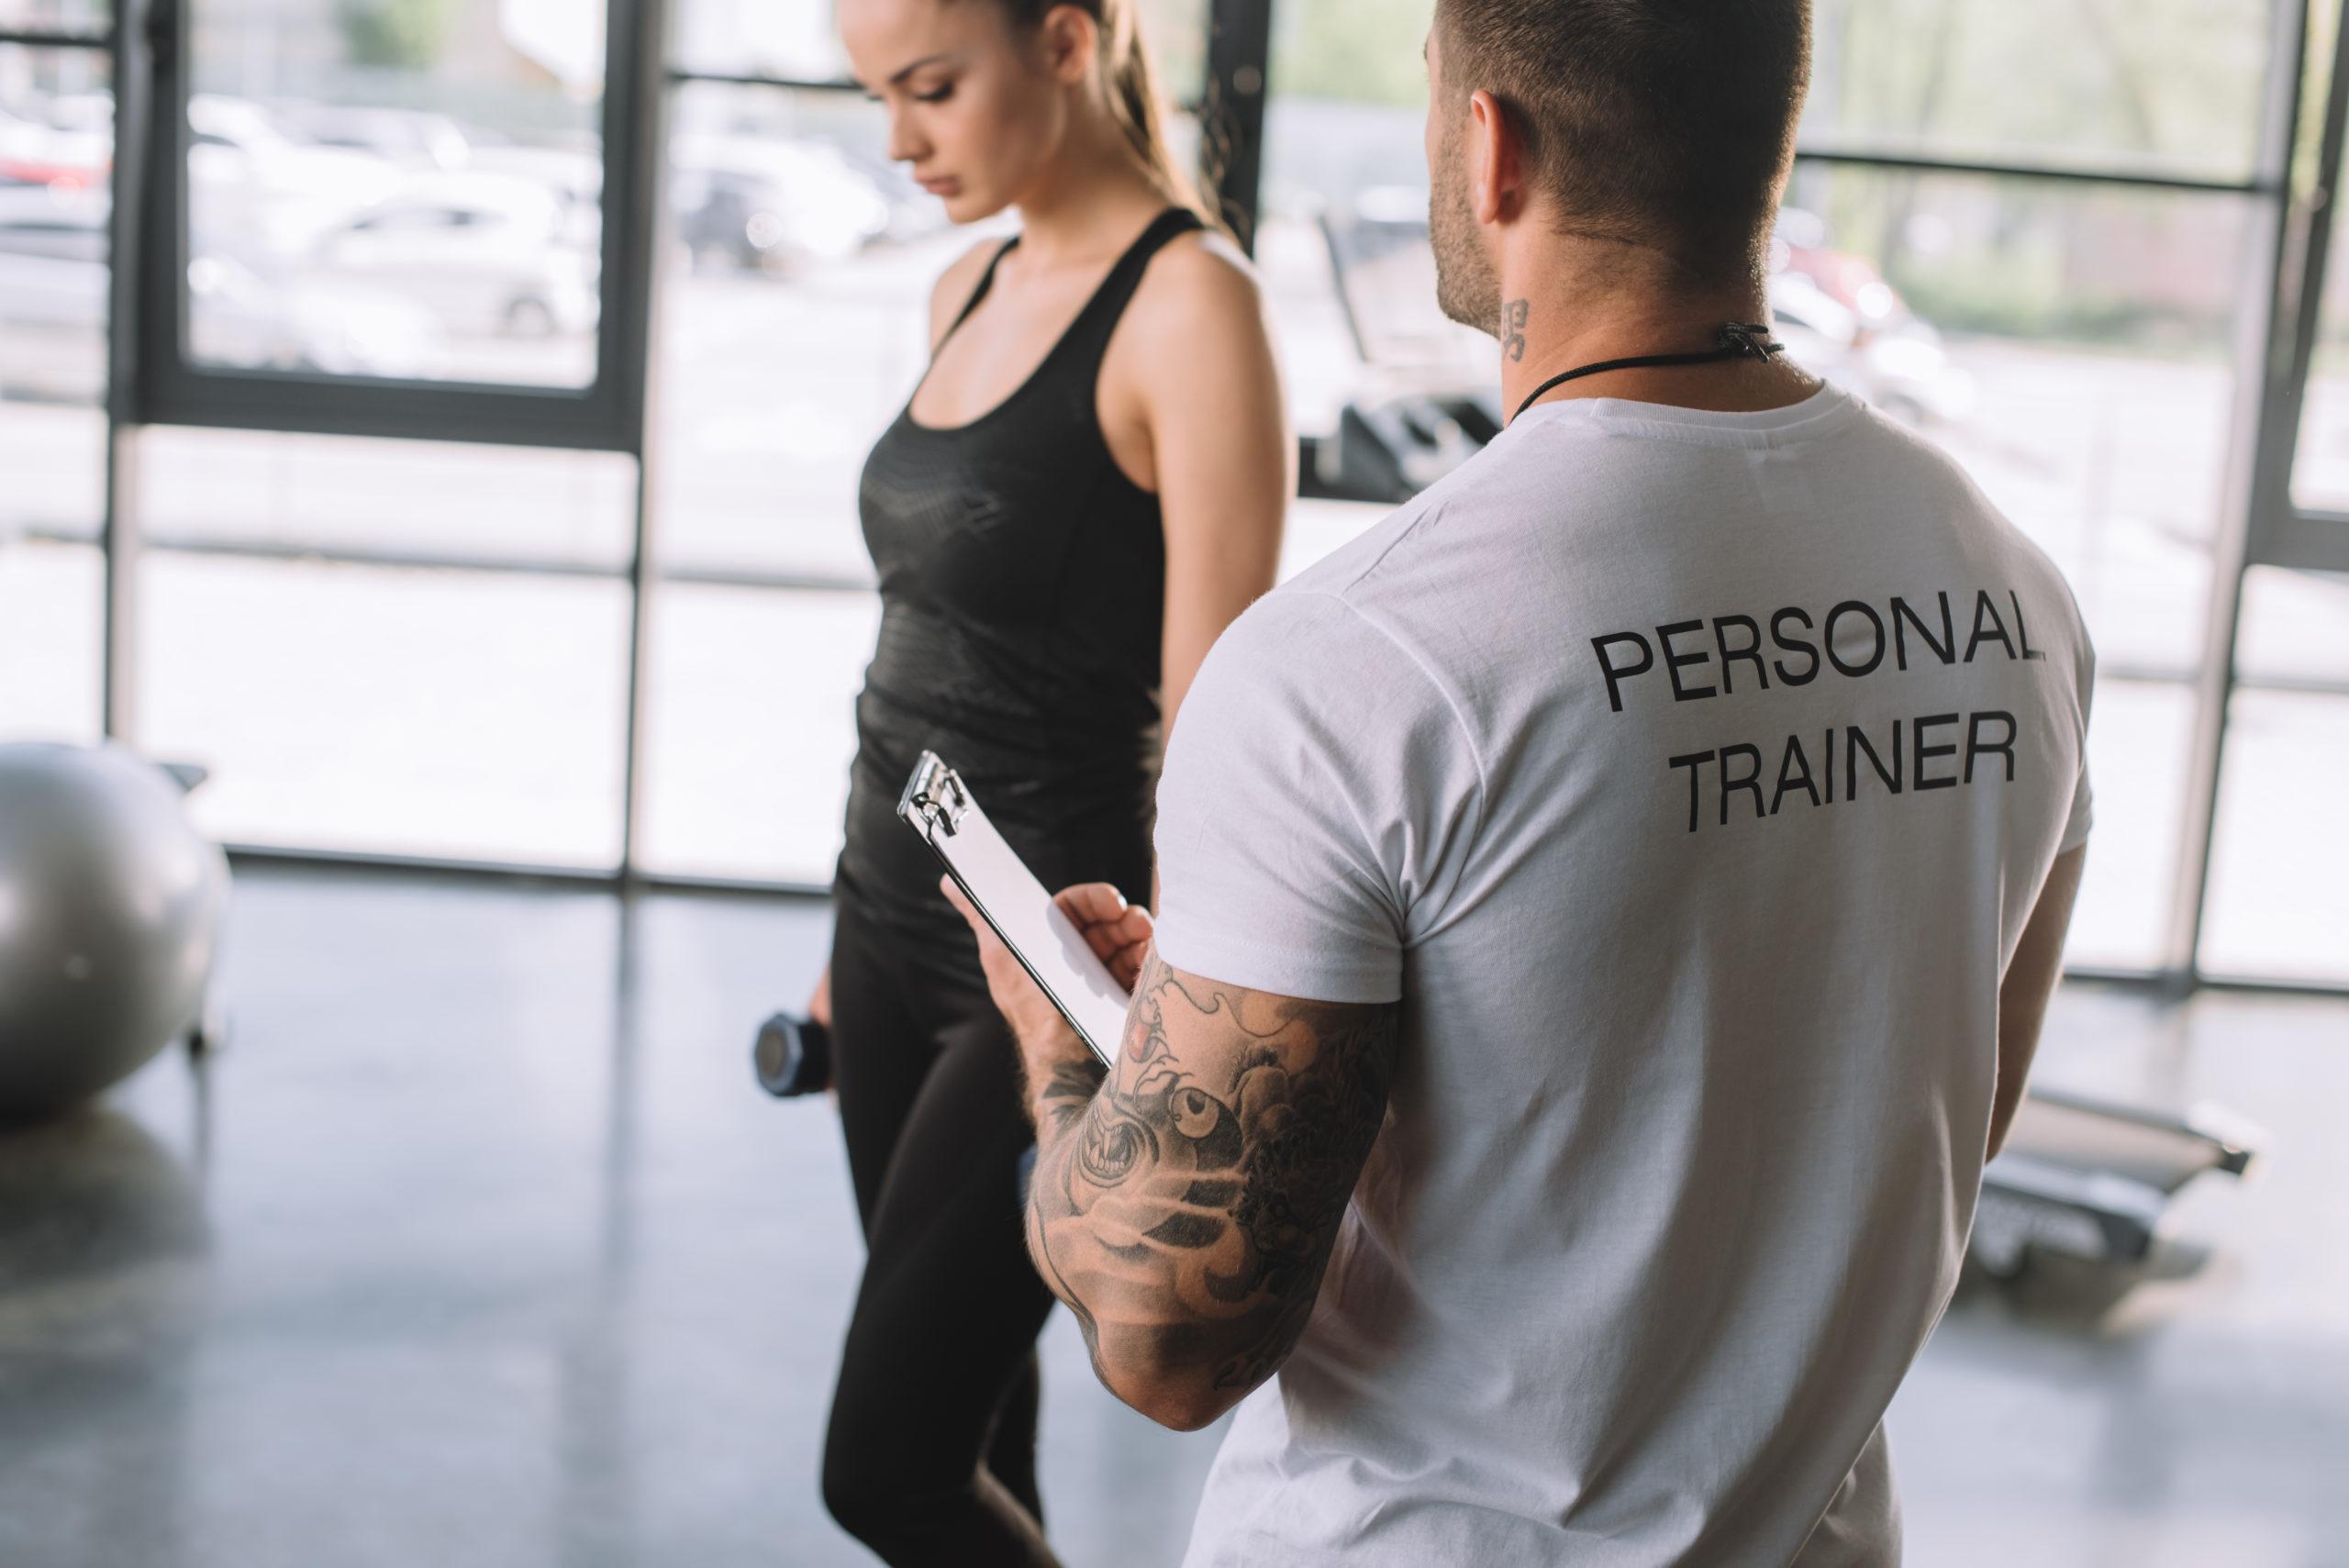 trener personalny i klientka; jak wybrać kurs na trenera personalnego